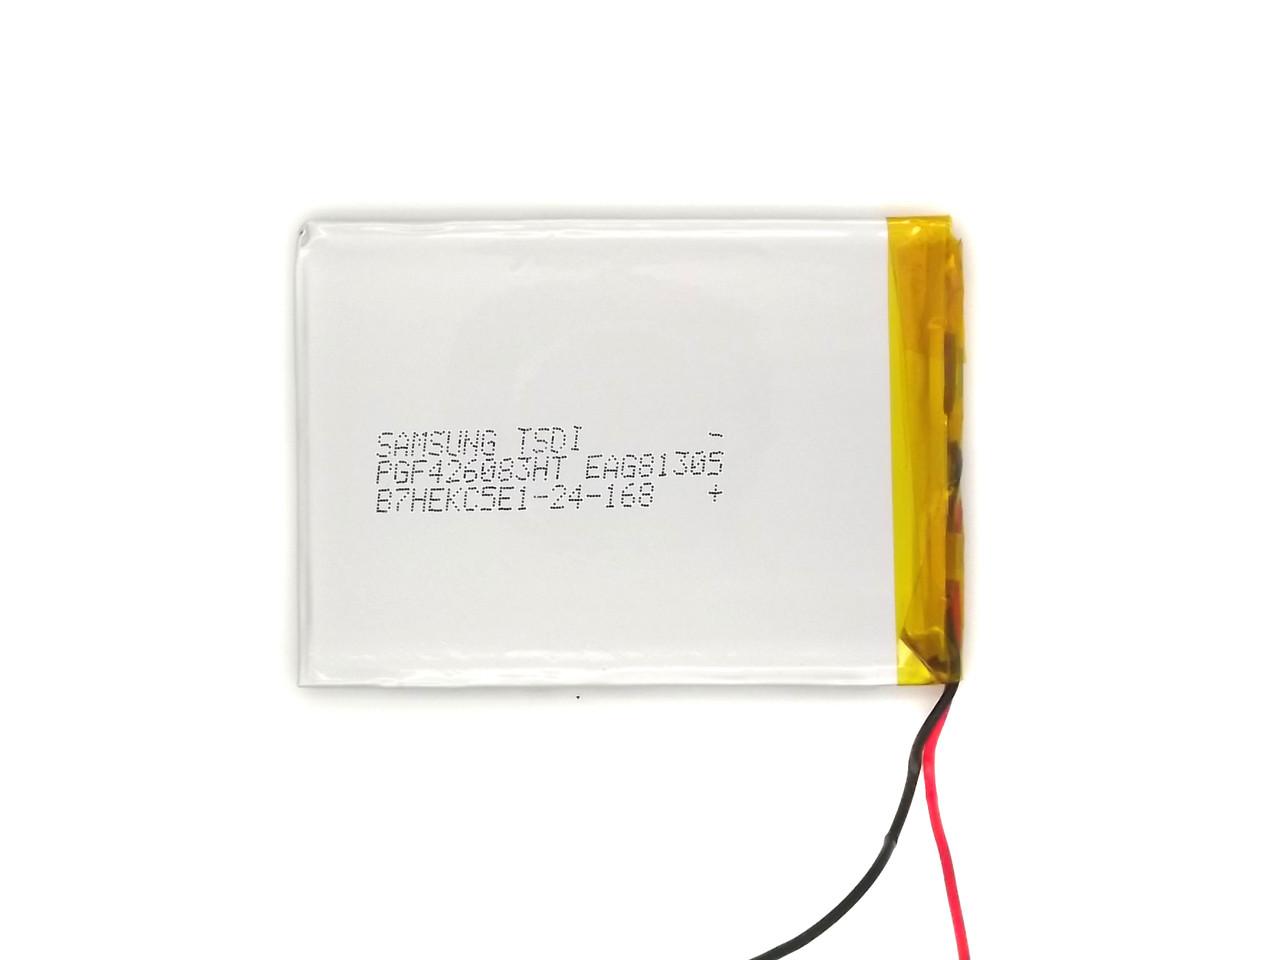 Аккумулятор 2500mAh 3.7v 306084  для планшета